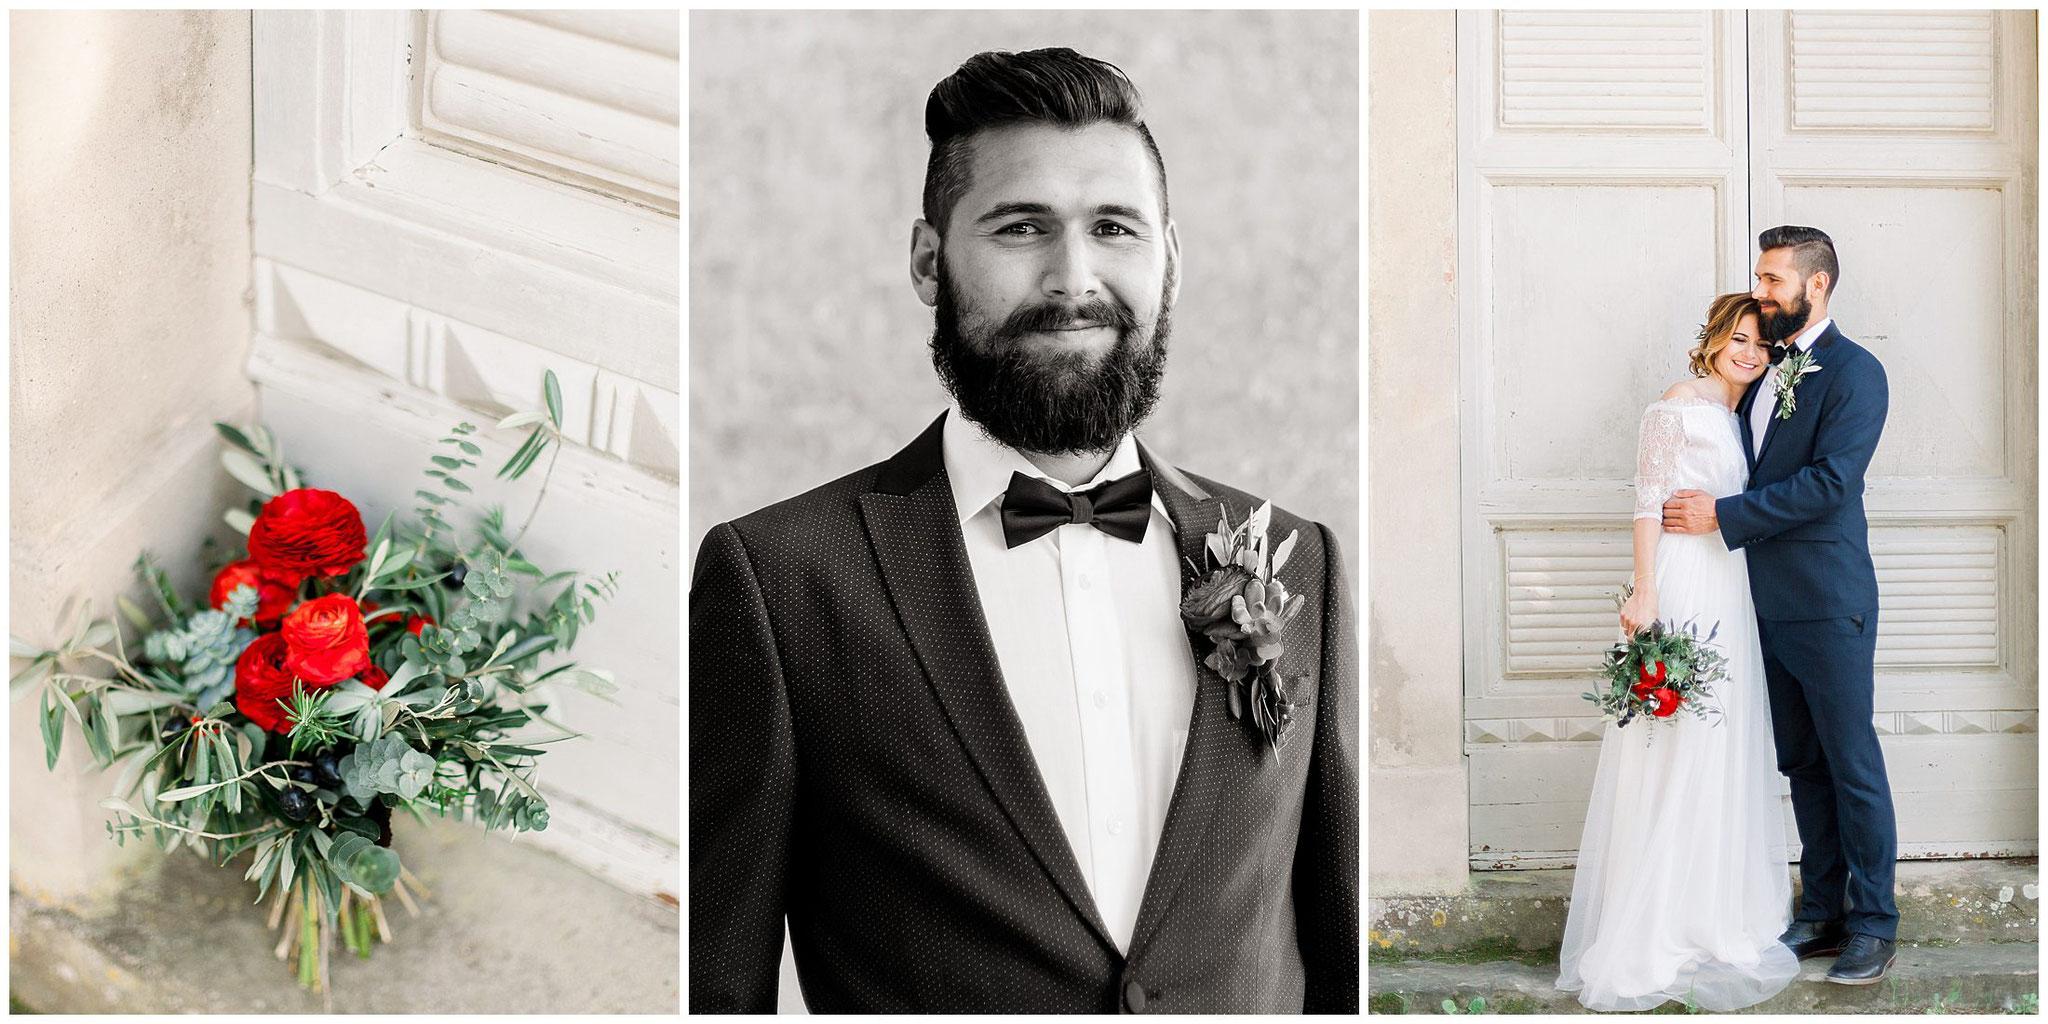 Boho glam Italienhochzeit hochzeitsfotograf Jane weber Toskana Bräutigam mit Bart hipster Groom